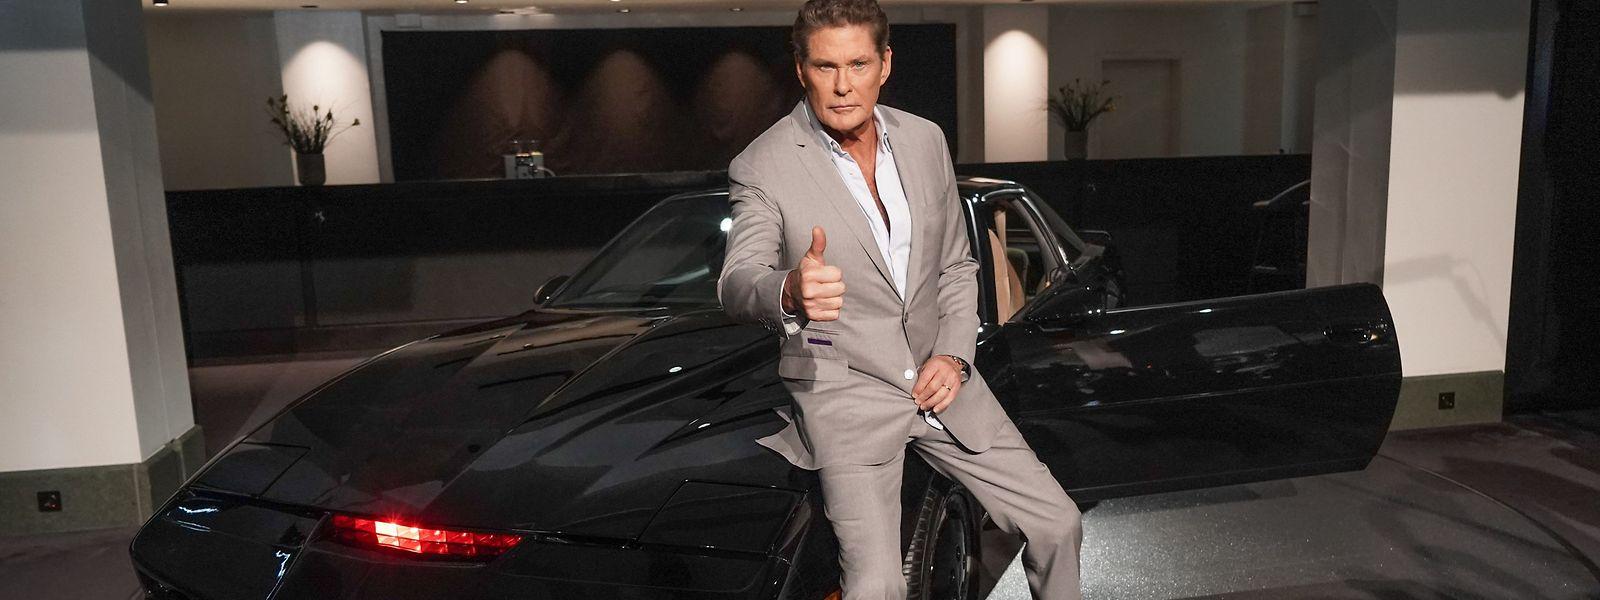 US-Sänger und Schauspieler David Hasselhoff bietet bei einer Auktion neben Dutzenden Requisiten unter anderem sein eigenes Modell des Kultautos an.